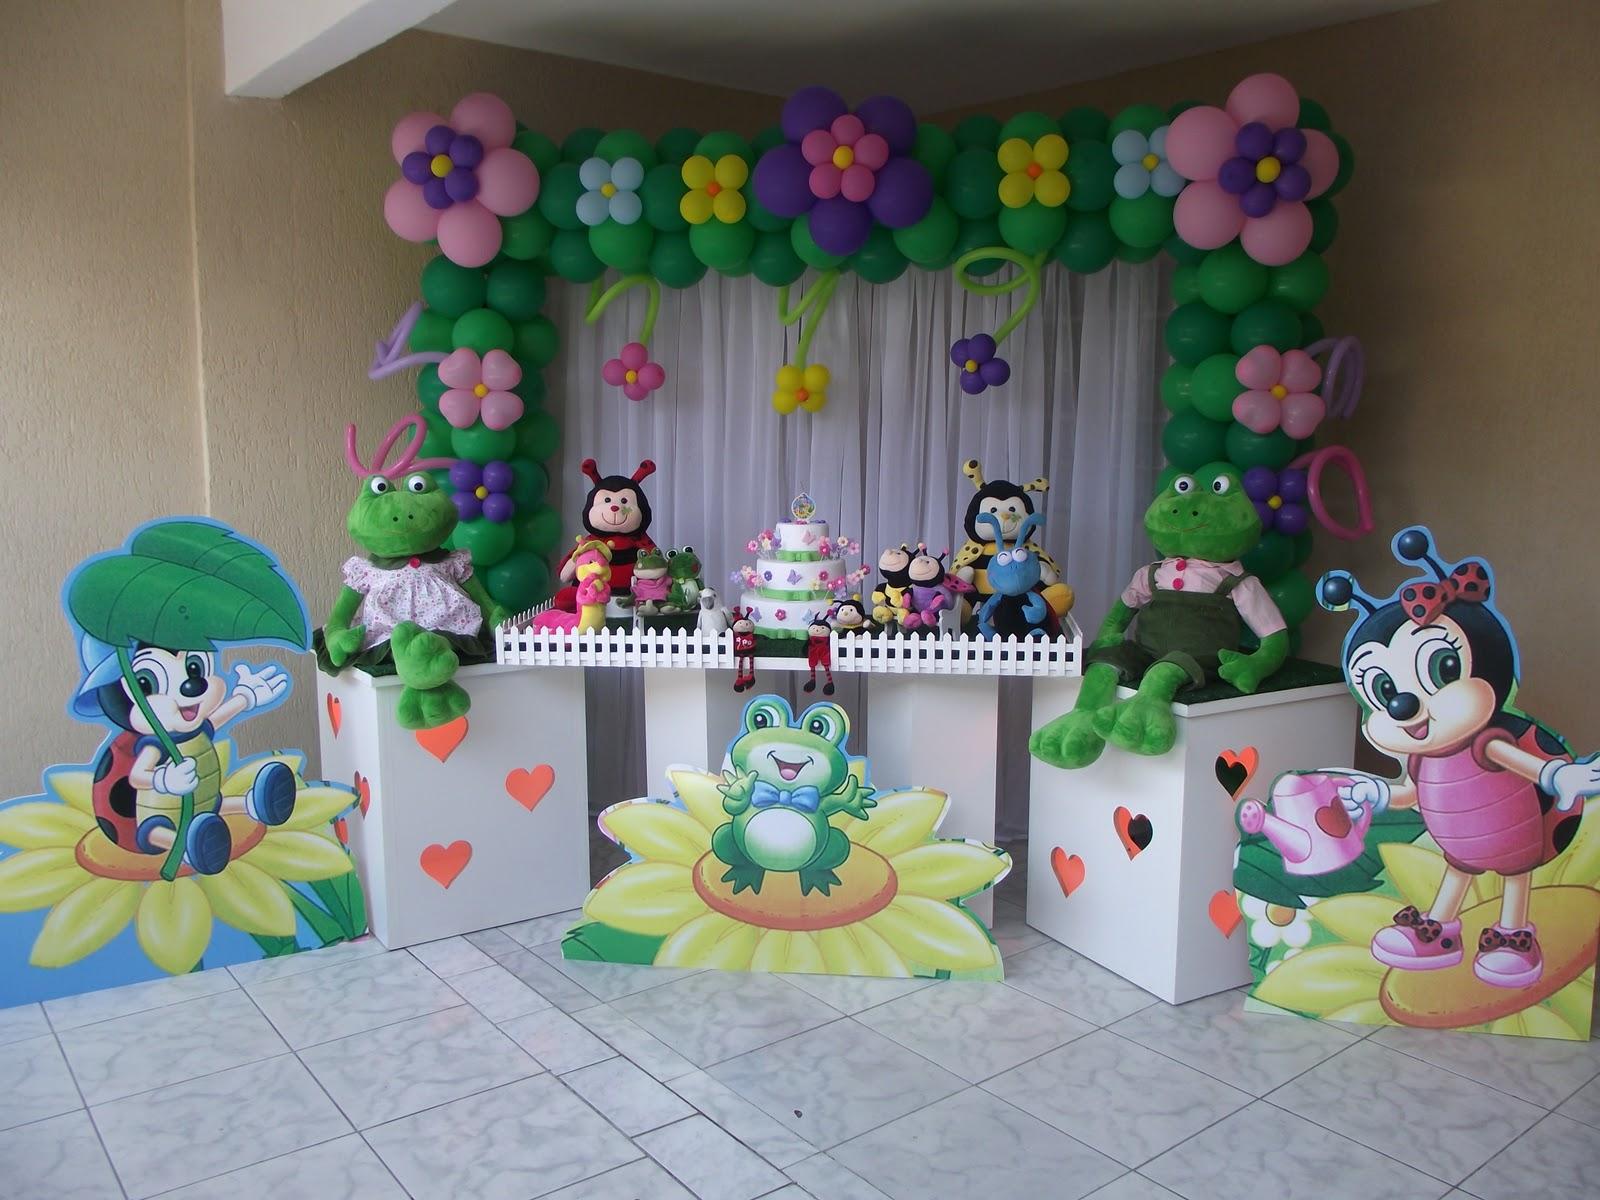 enfeites para festa infantil jardim encantado:Decoração Provençal Festa infantil Quebra Galho Festas.